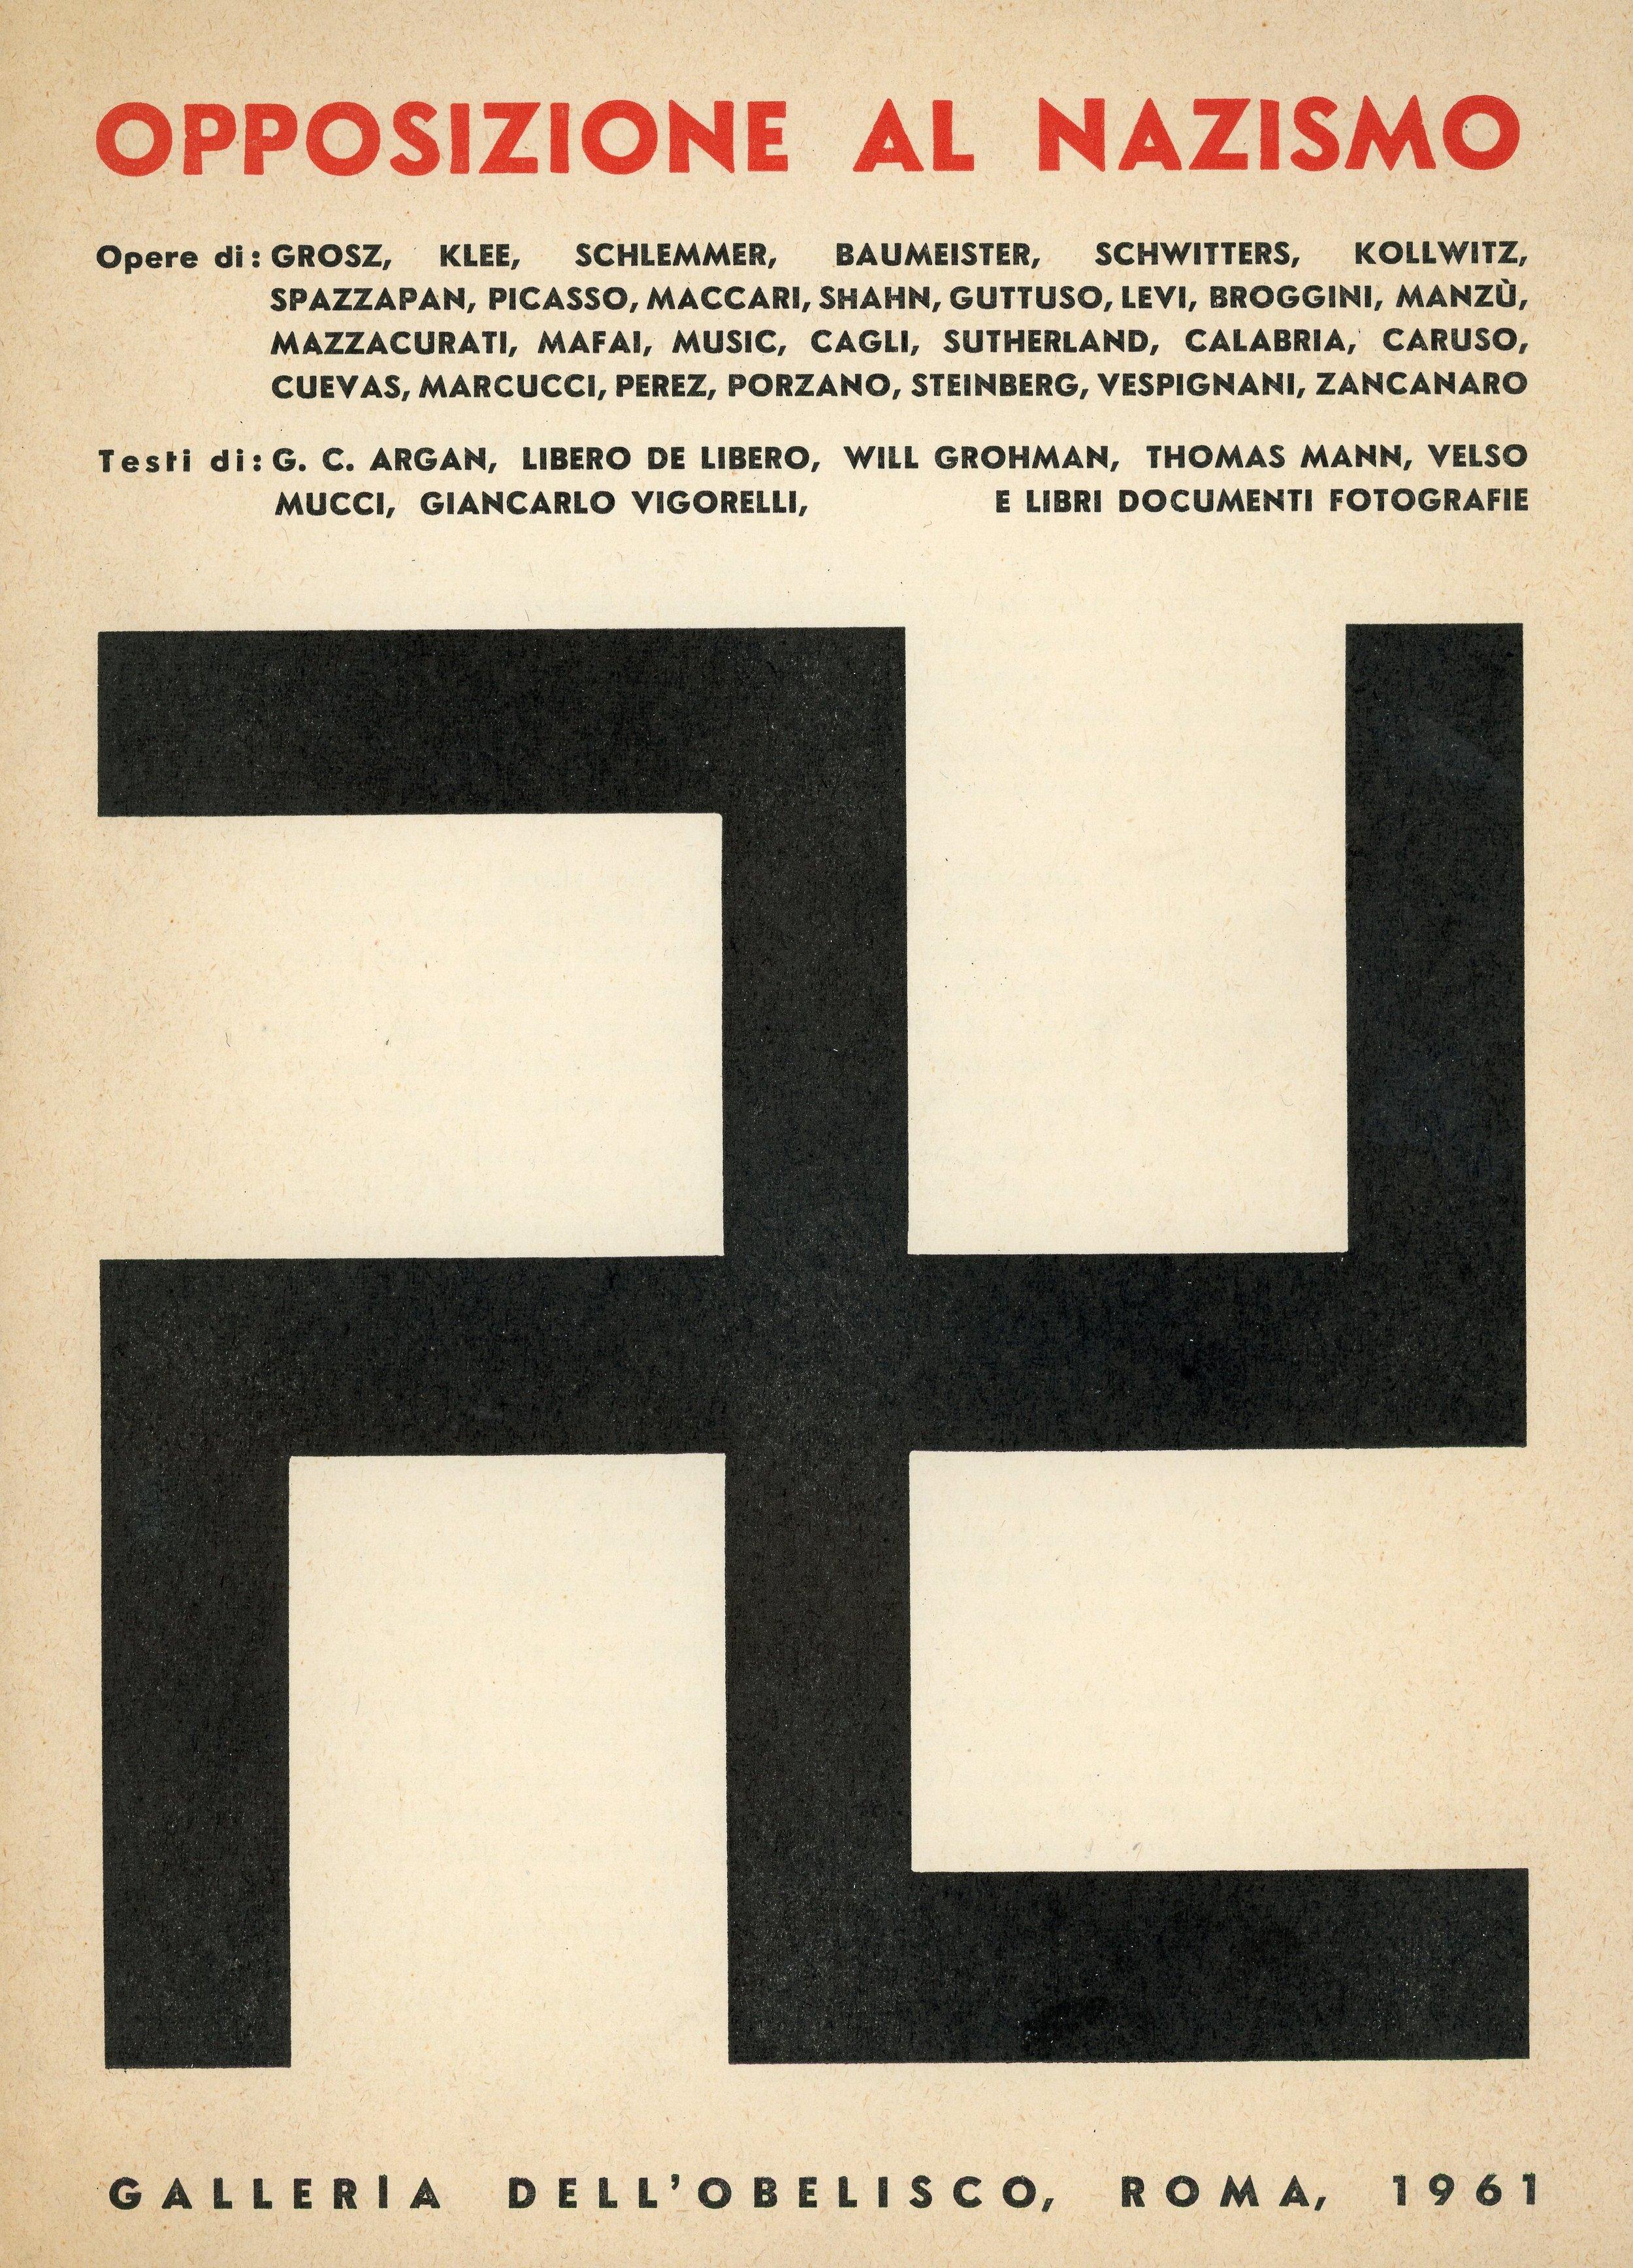 1961-05 Opposizione al Nazismo Obelisco - Bruno Caruso_01.jpg